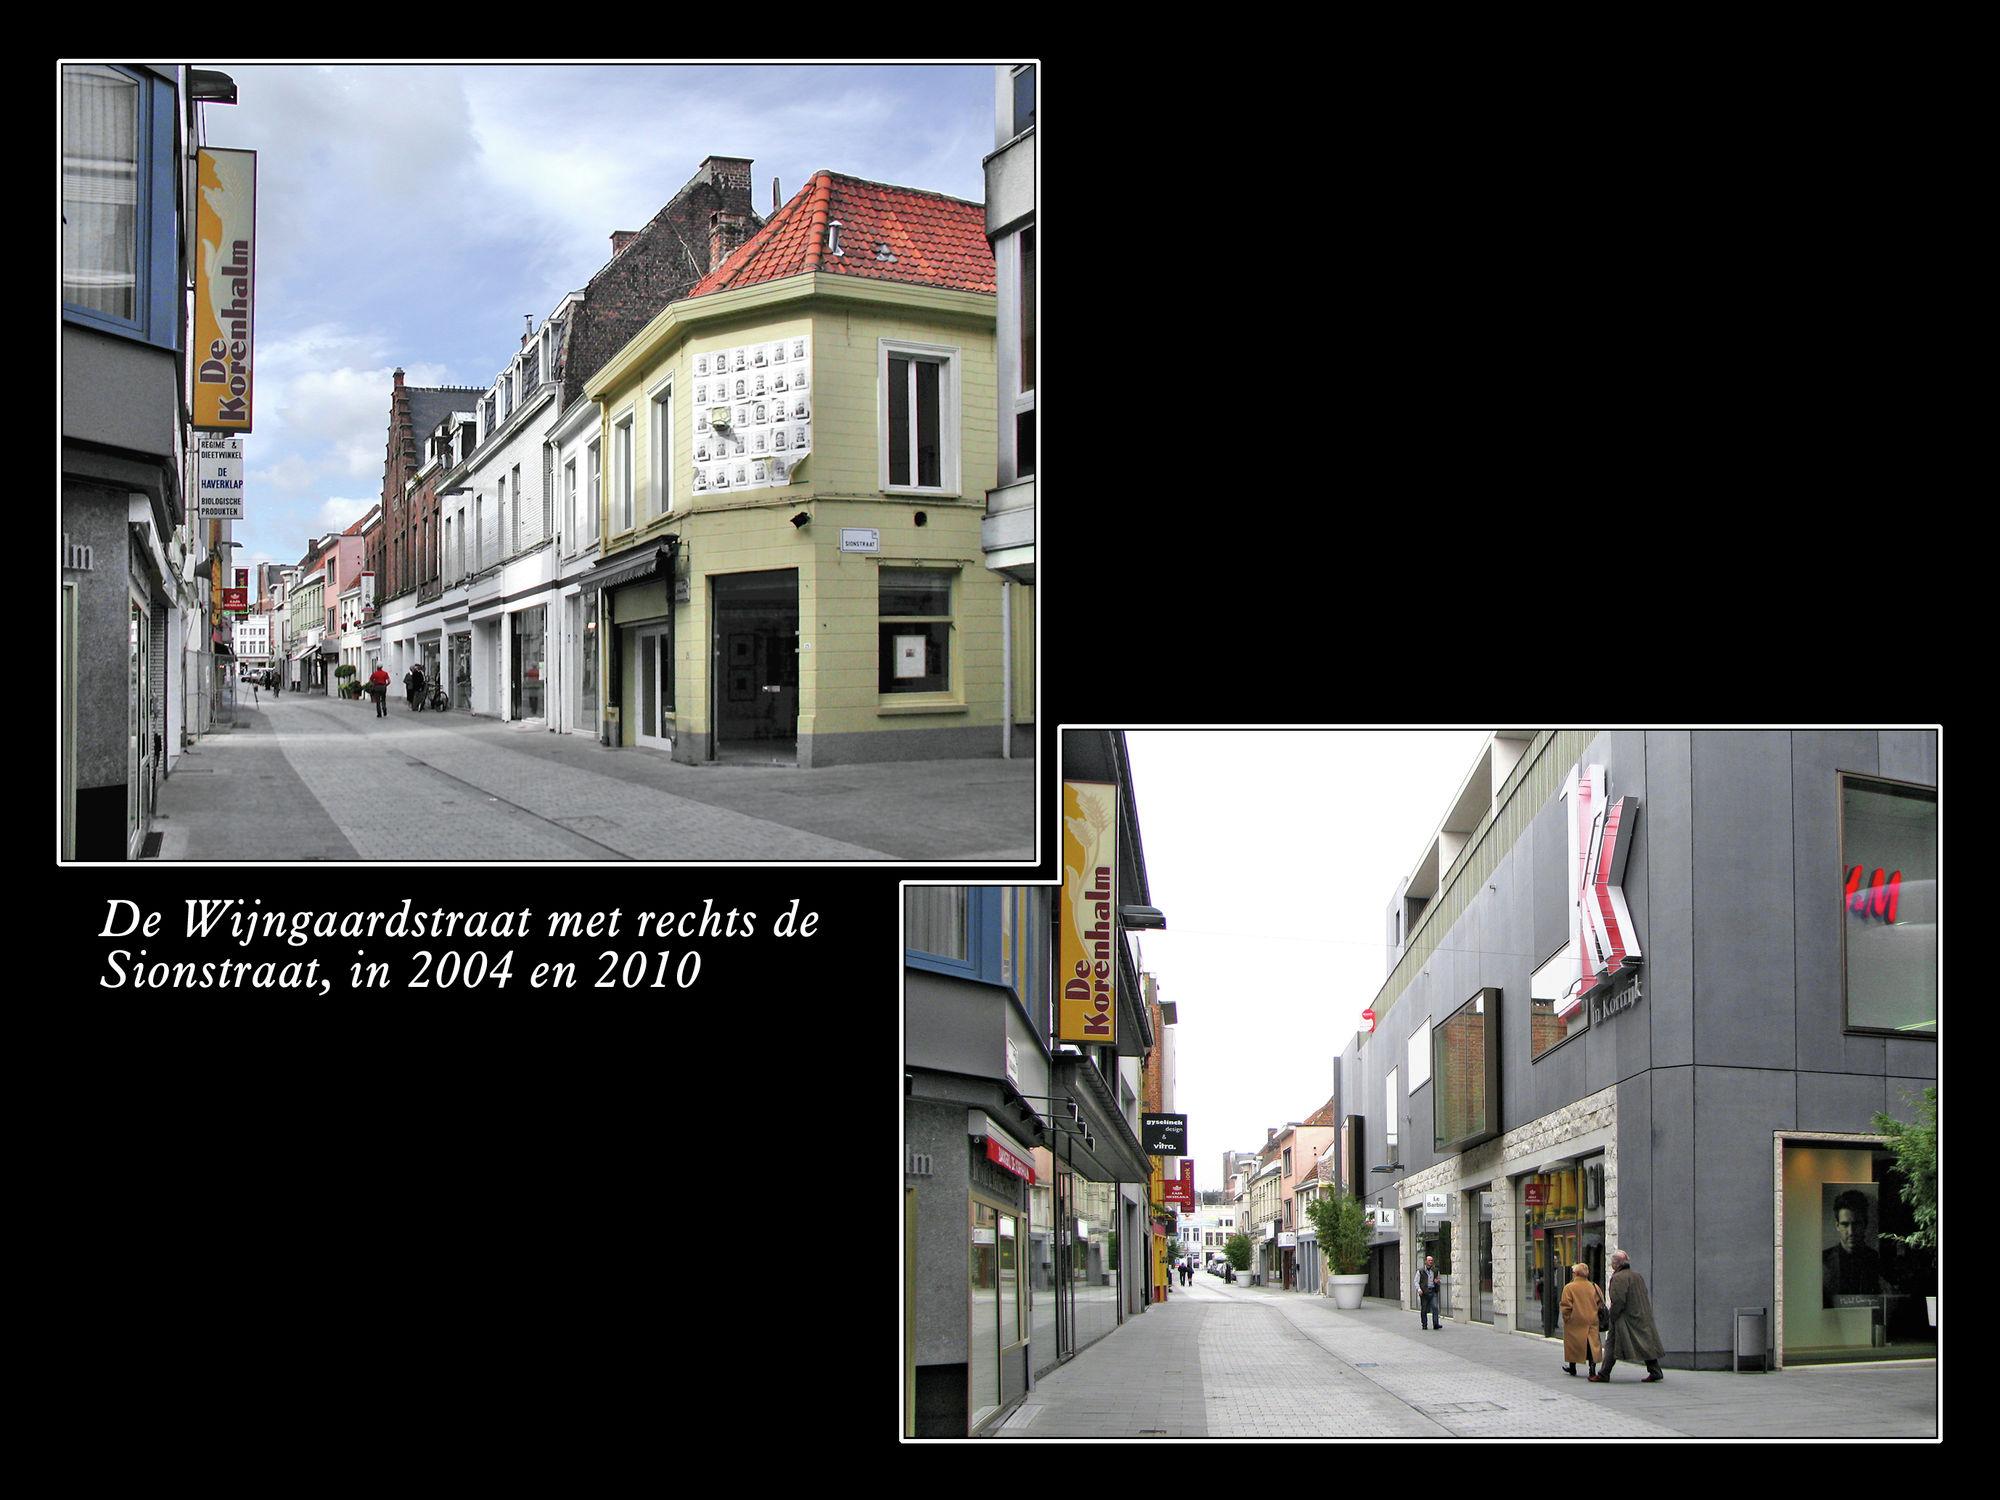 Wijngaardstraat en Sionstraat.